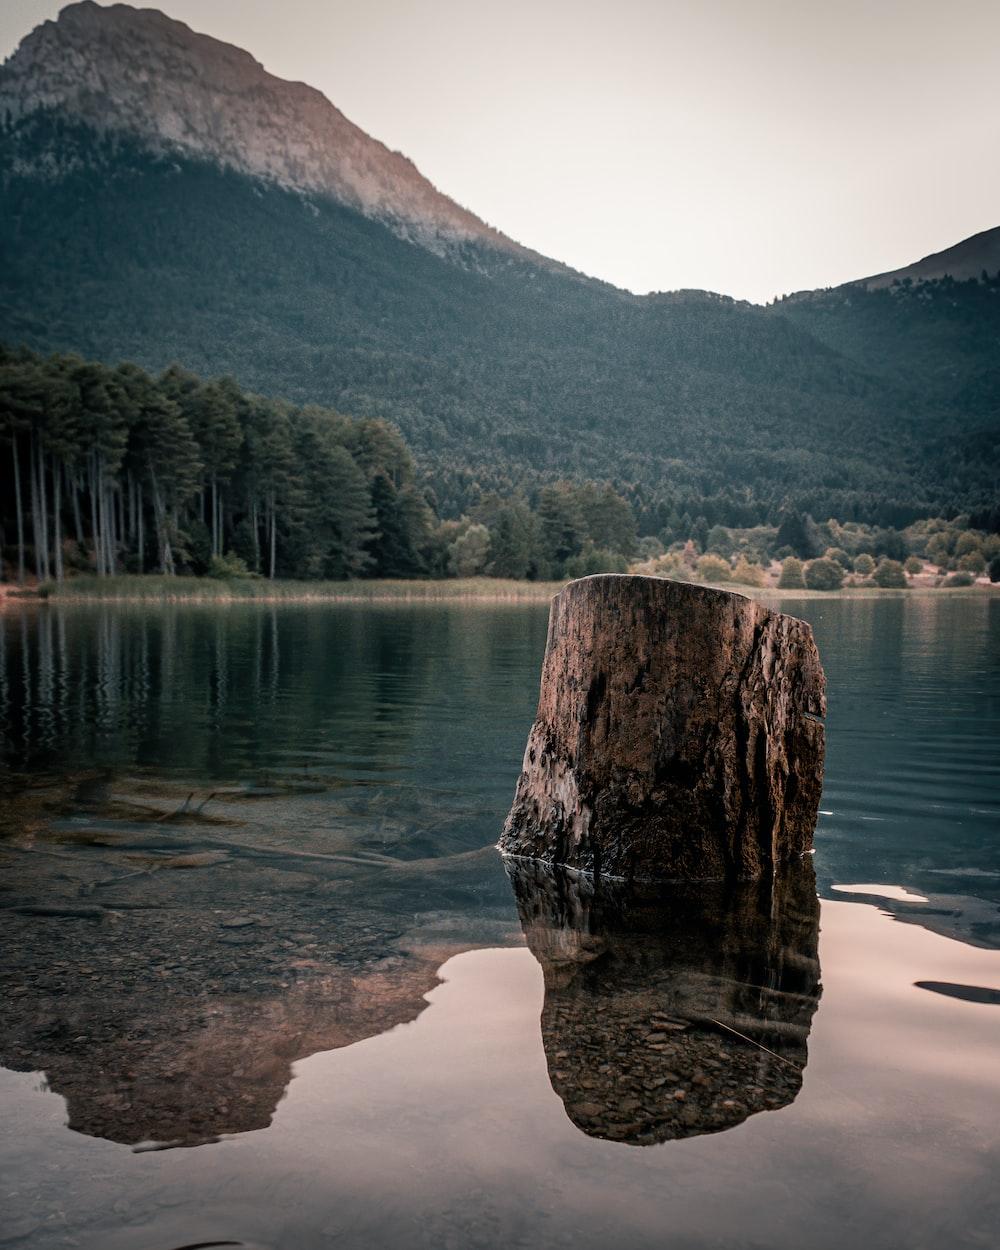 brown tree log on lake